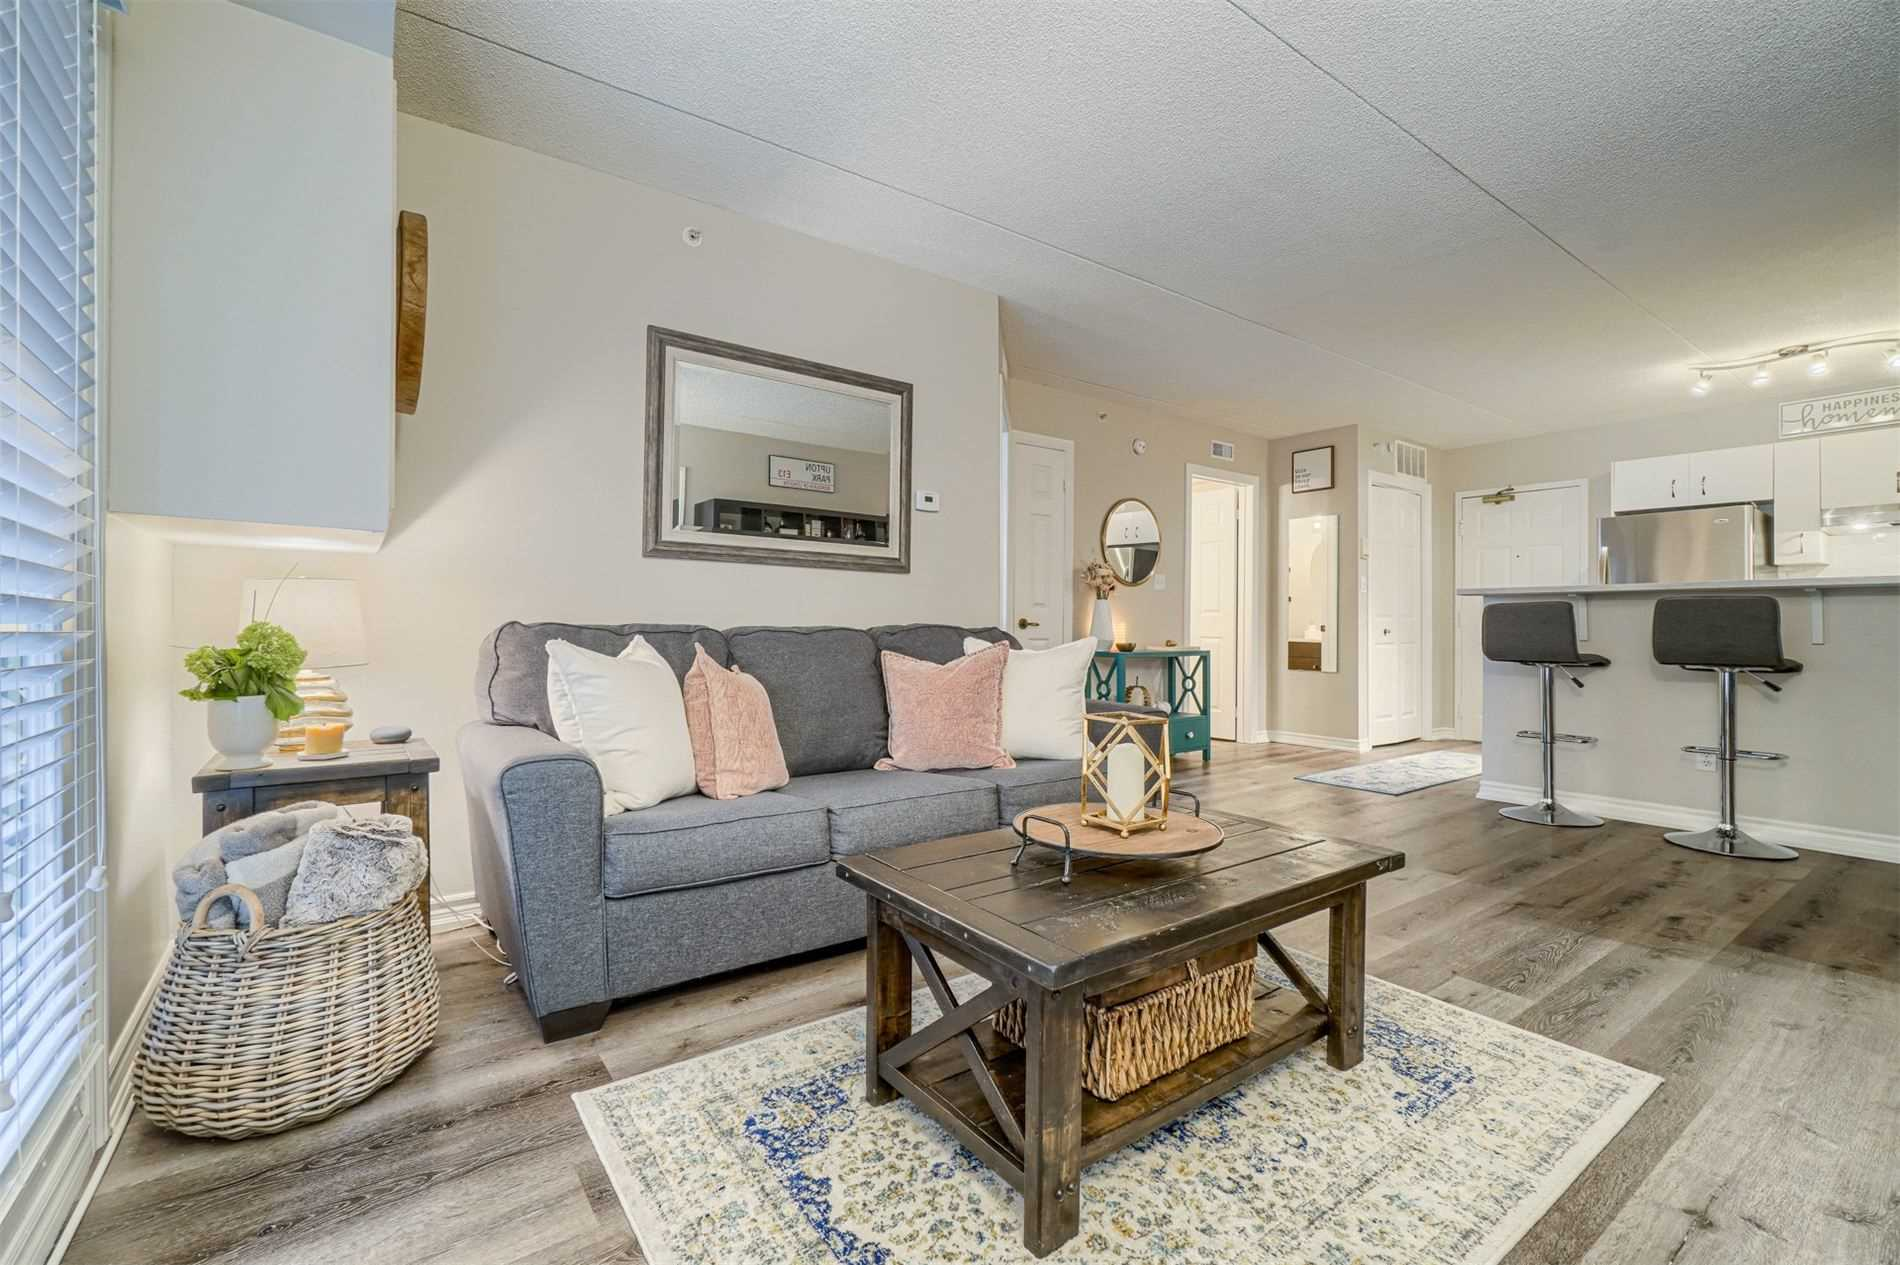 For Sale: 203 - 4013 Kilmer Drive, Burlington, ON | 2 Bed, 1 Bath Condo for $439900.00. See 24 photos!